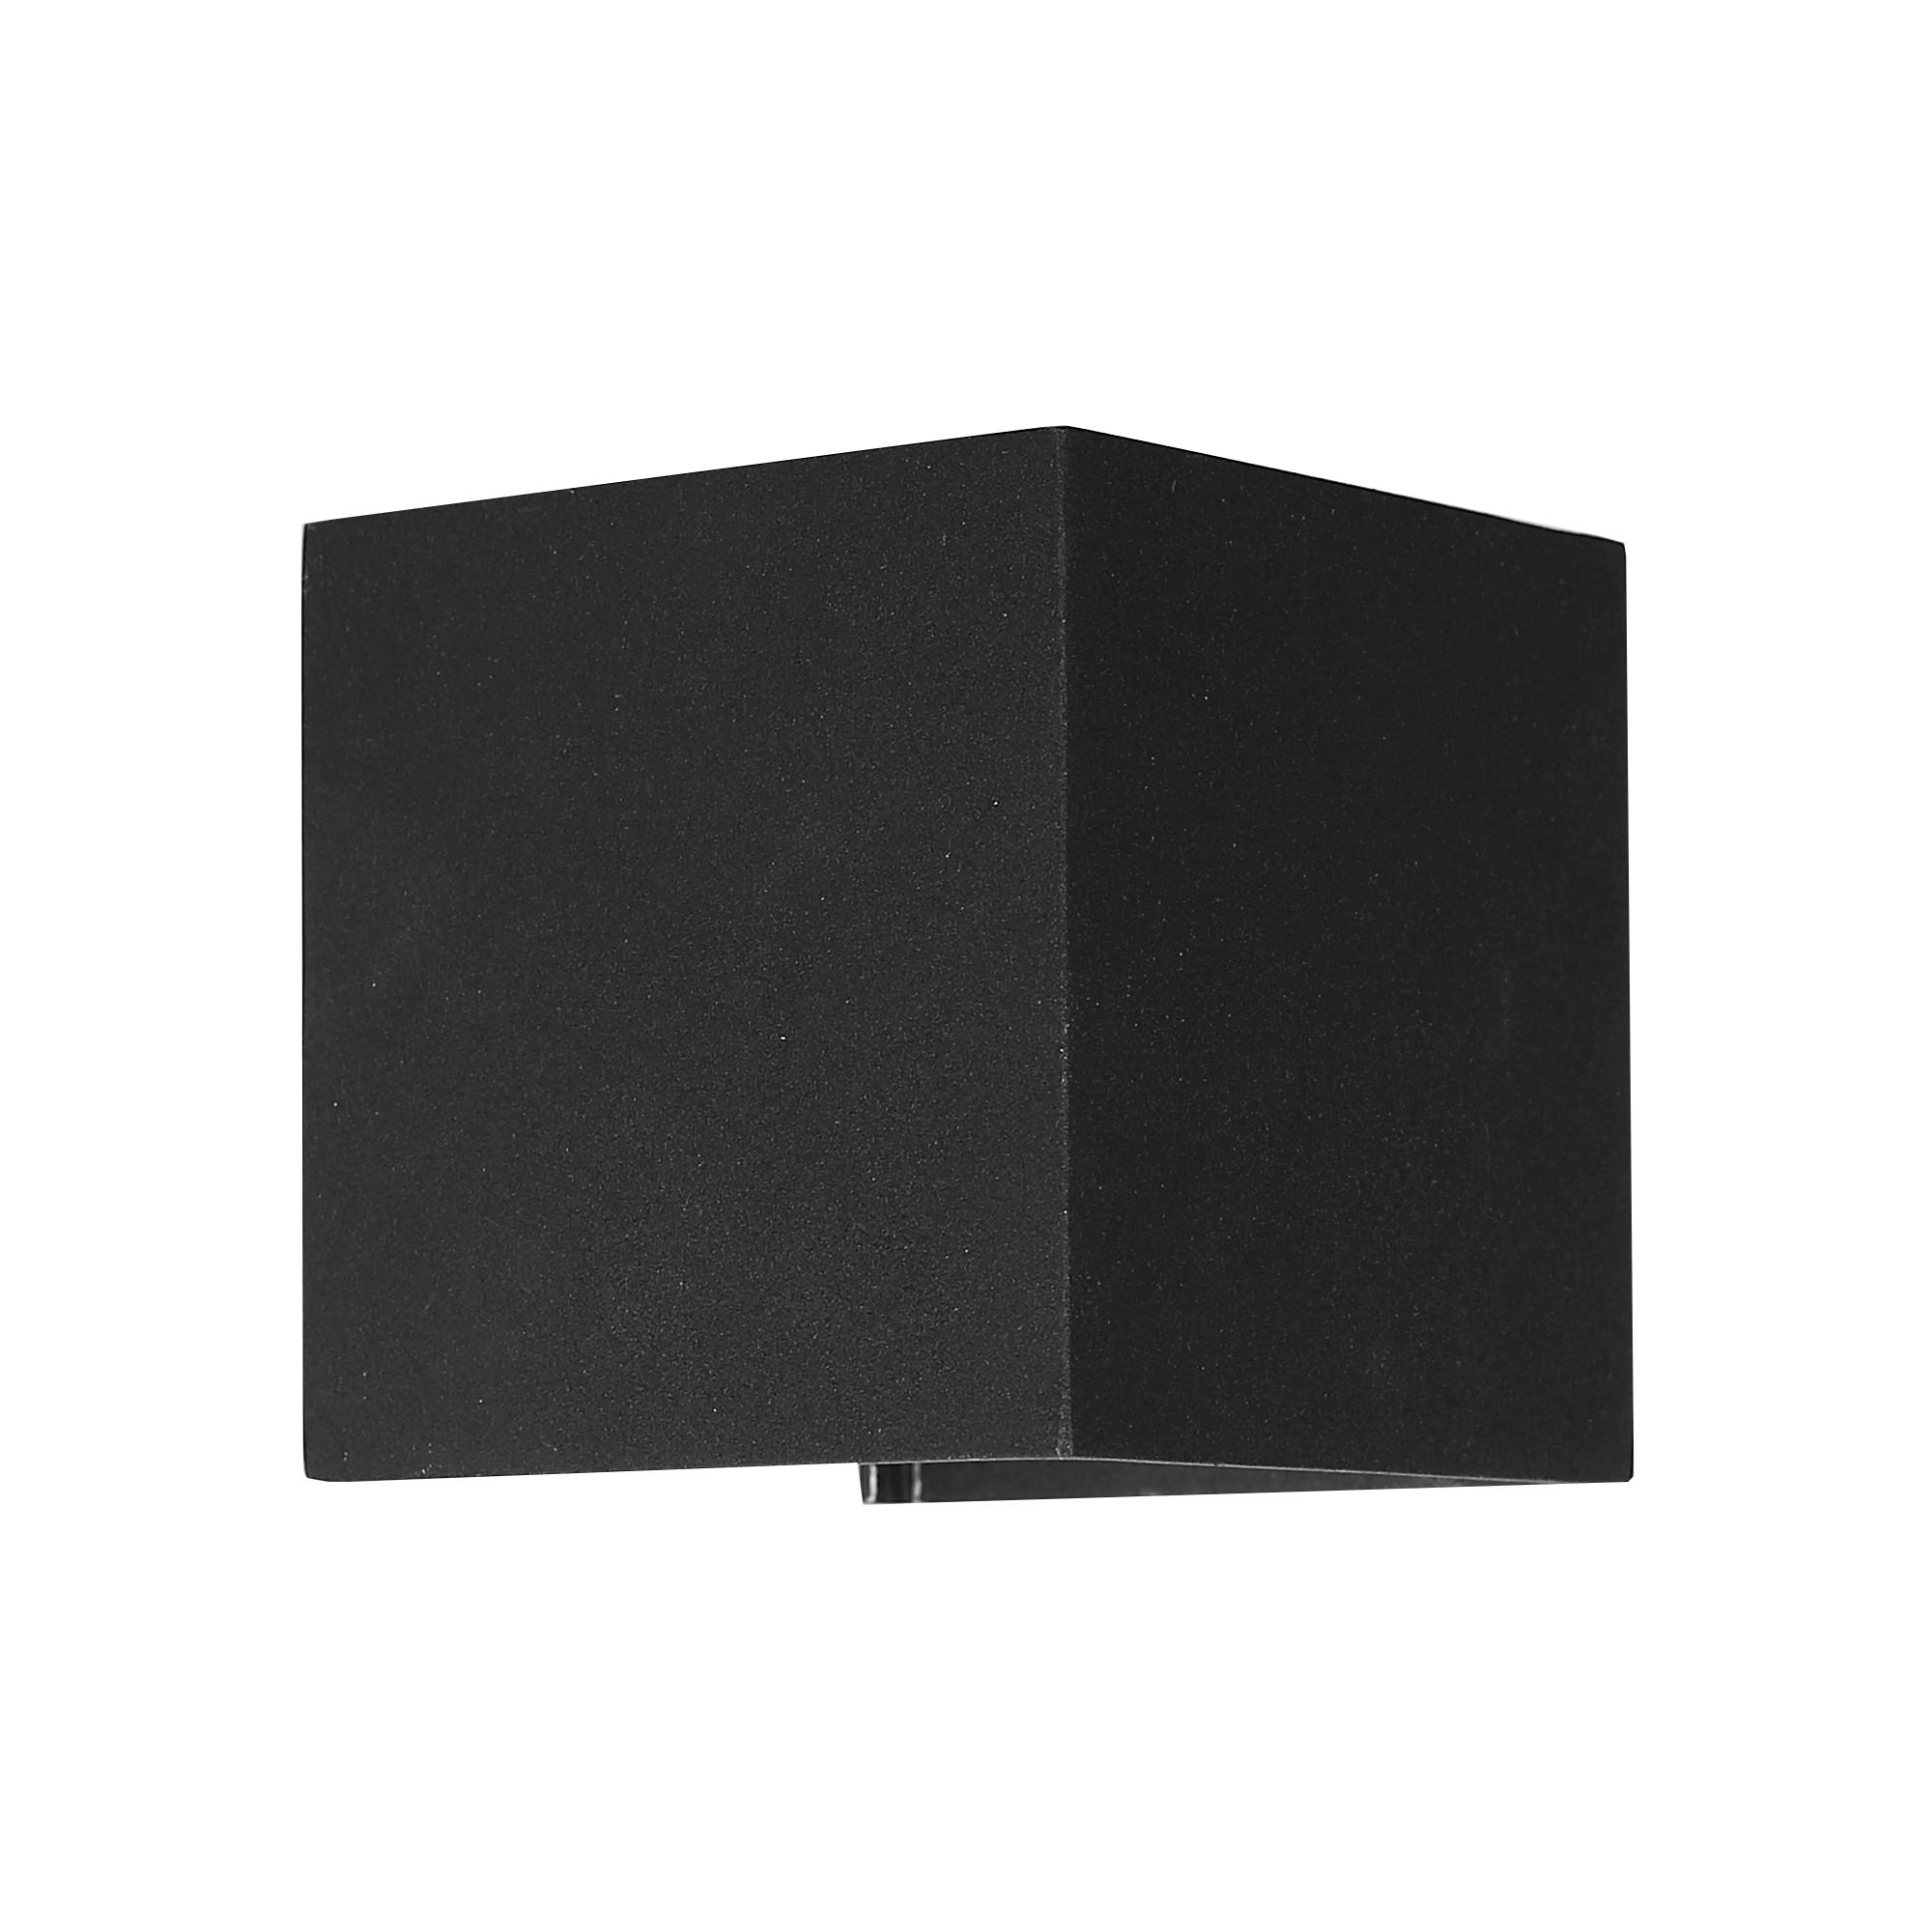 Glenelg Commercial Grade IP54 Exterior LED Wall Light, Black